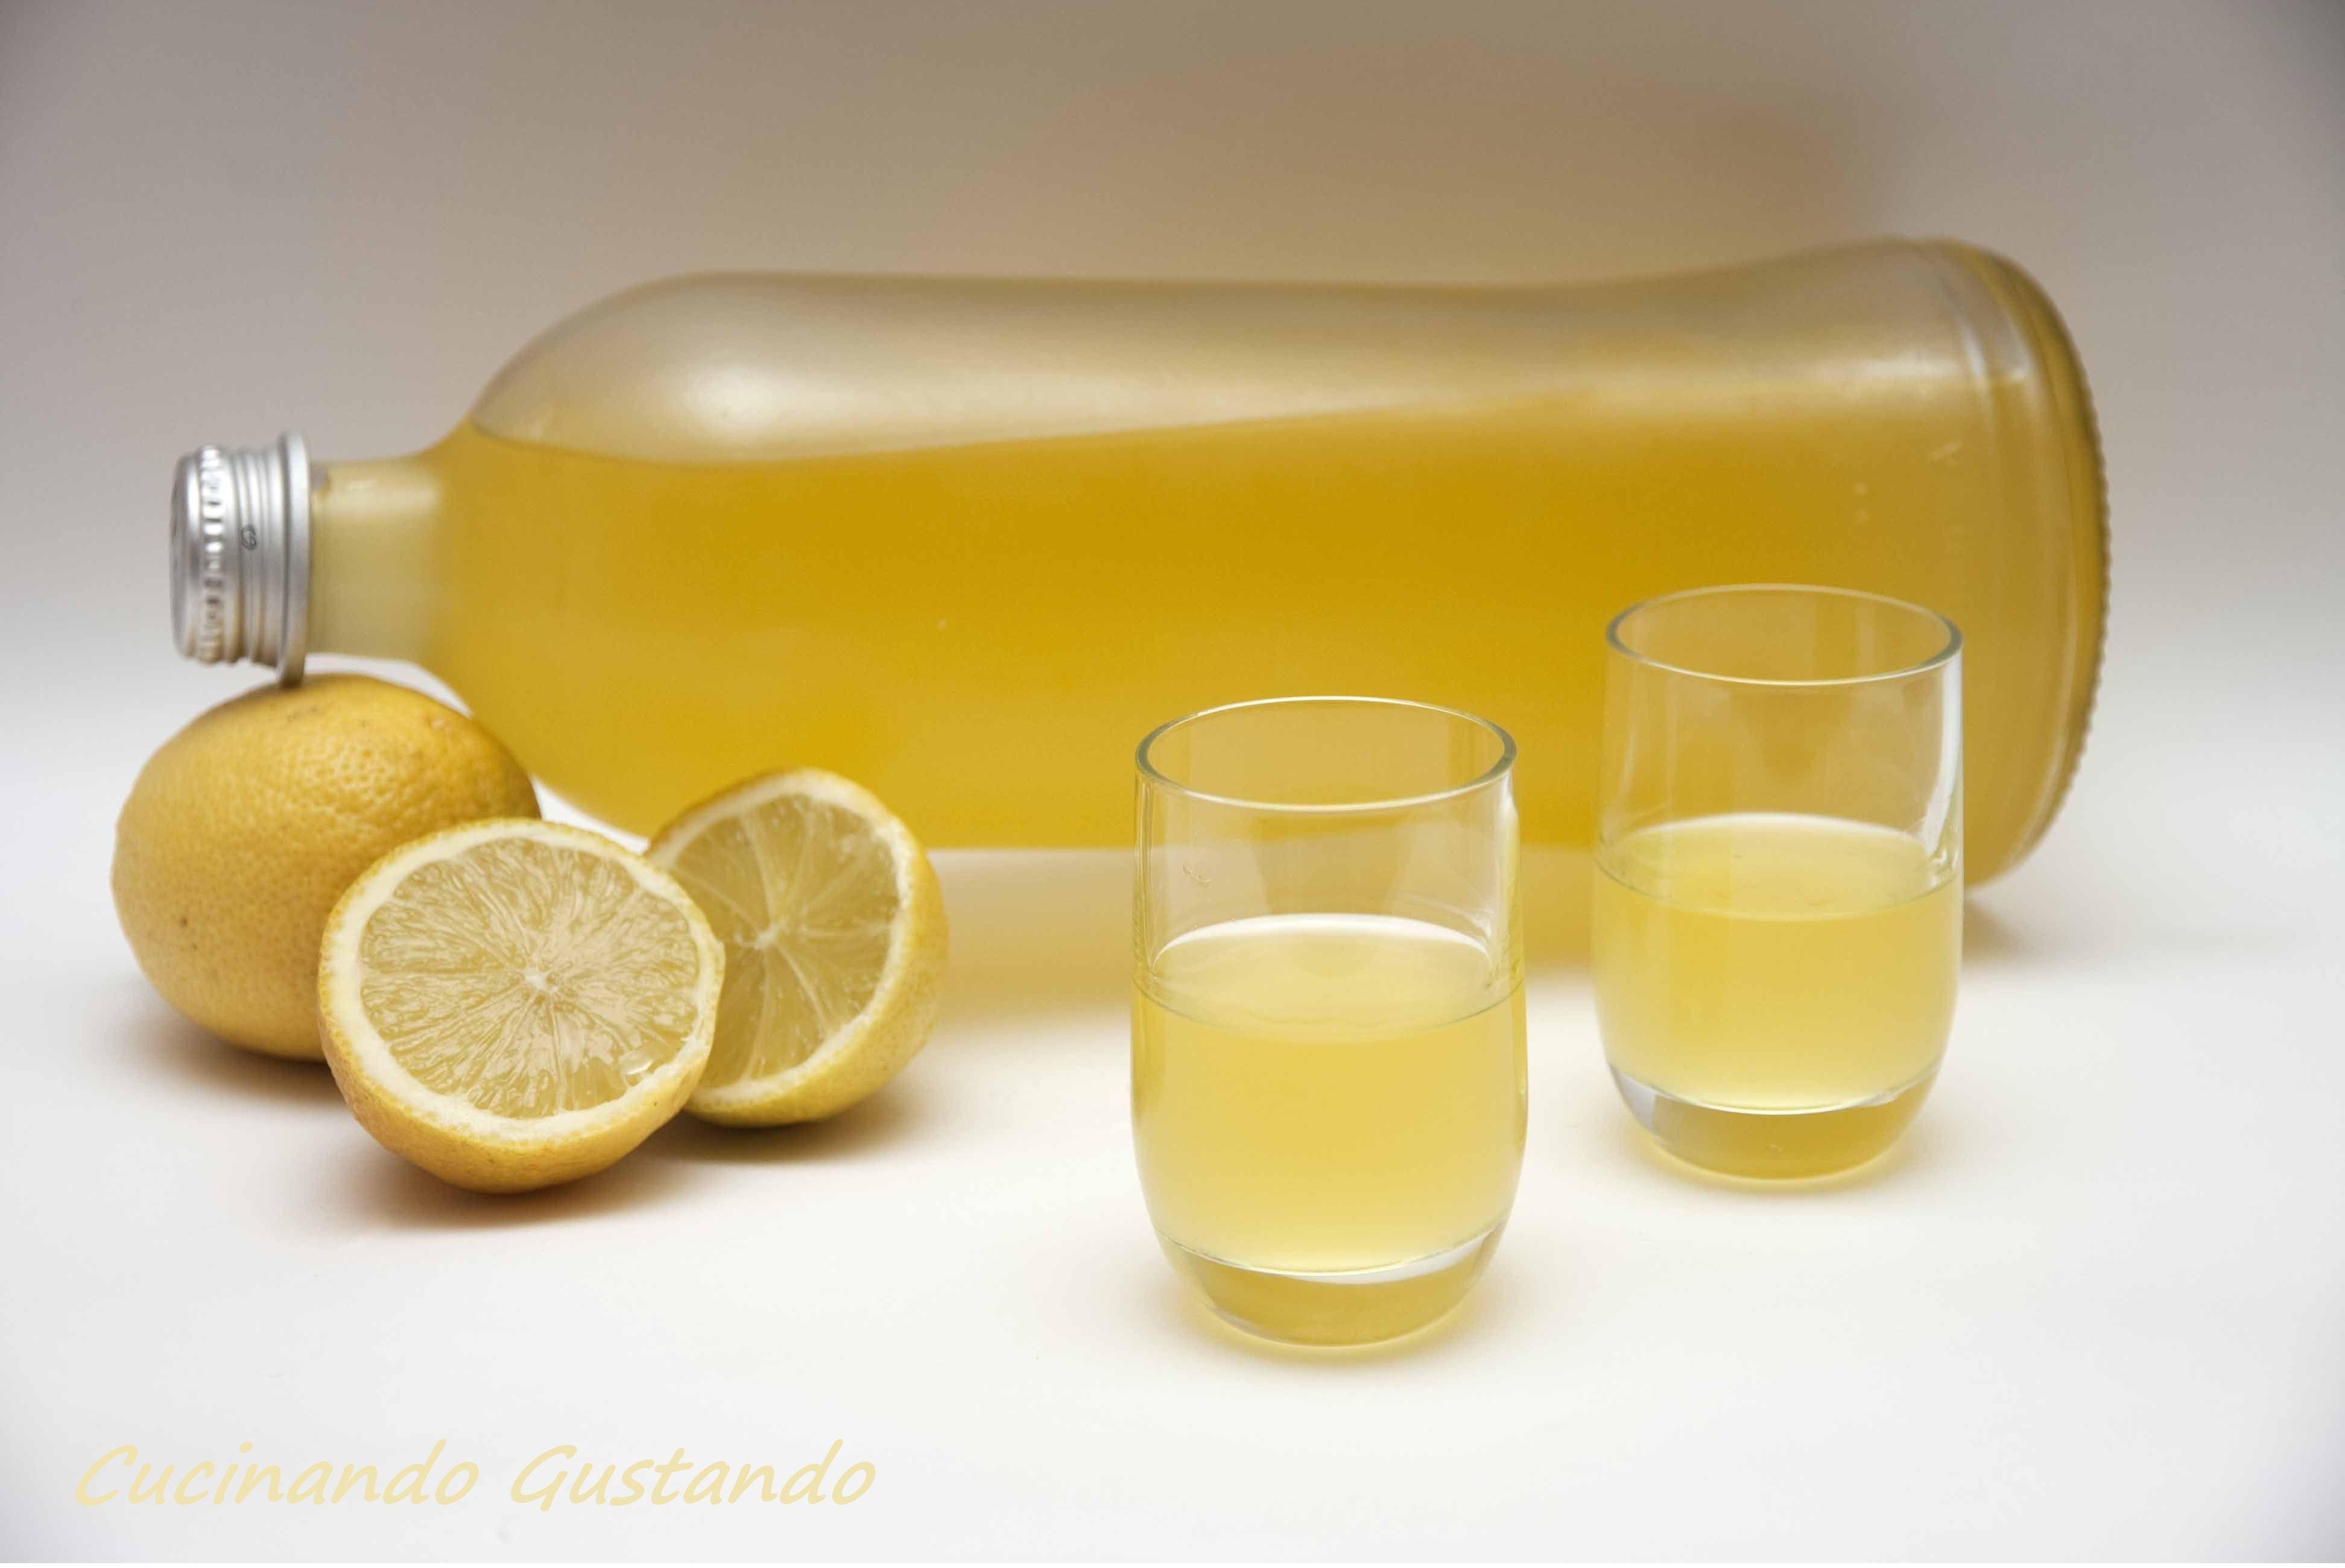 Ricetta Limoncello Fatto Con La Grappa.Ricetta Limoncello Fatto In Casa Liquore Al Limone Limoncello Liquori Limonata Fatta In Casa